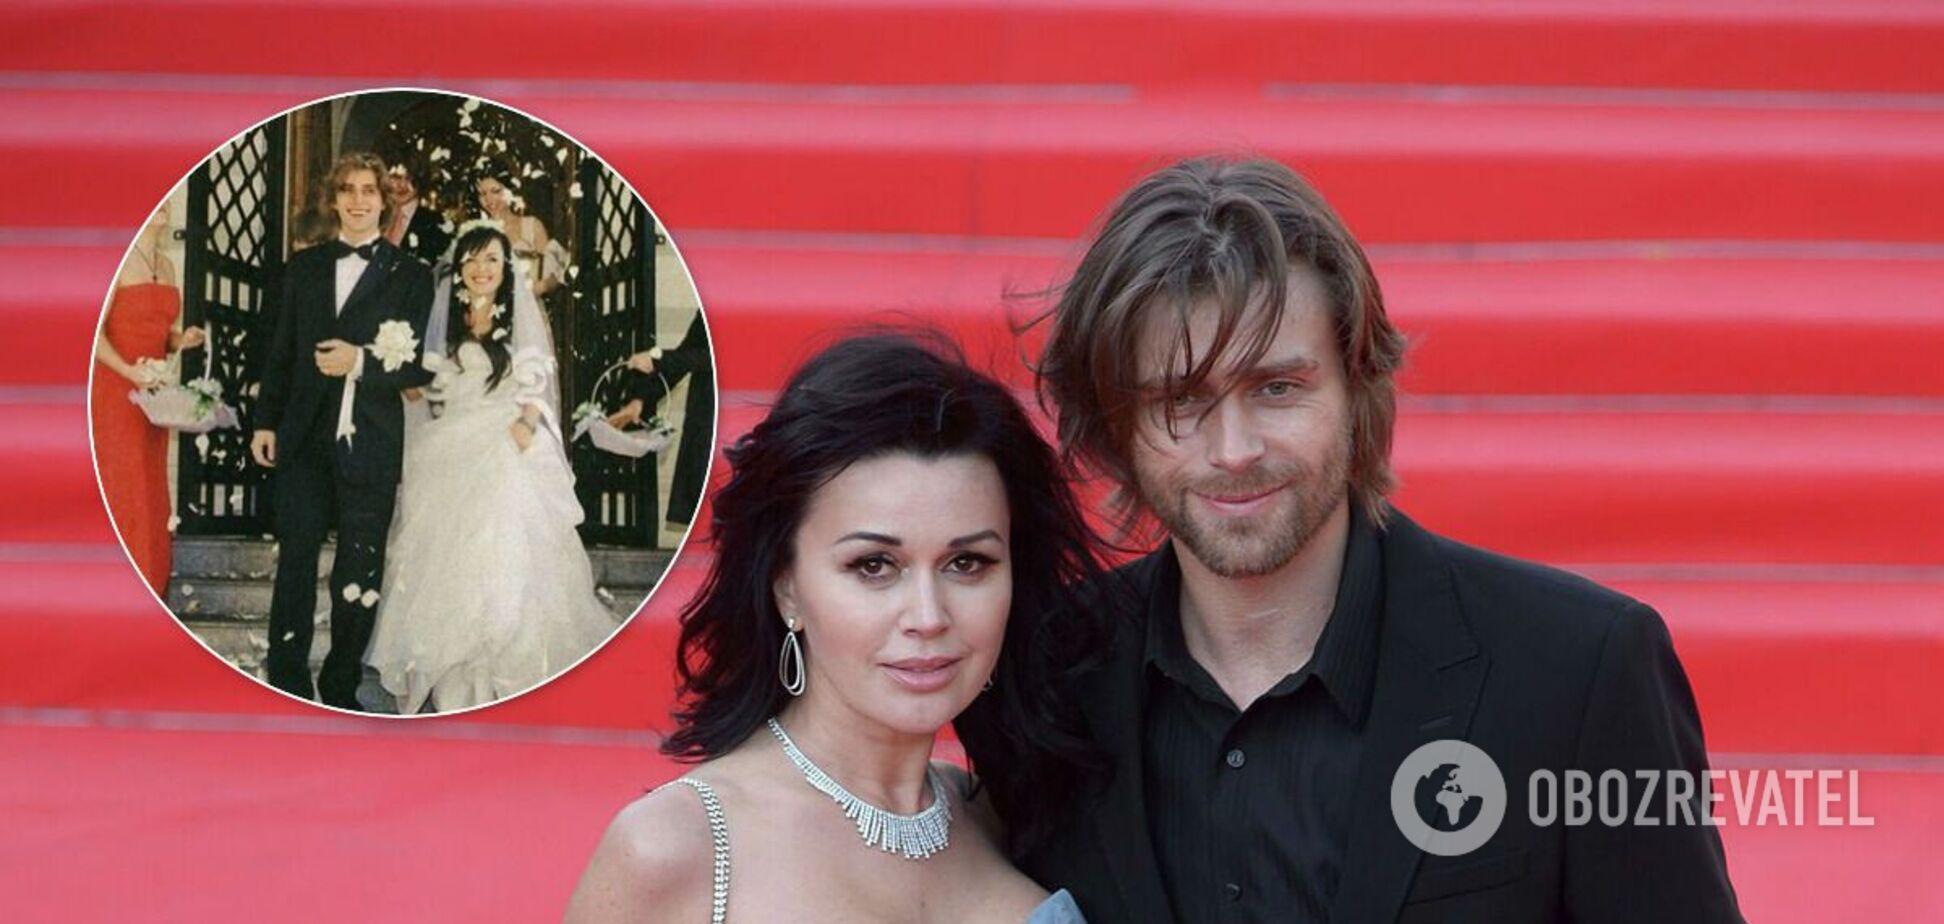 Заворотнюк и Чернышева поздравили с годовщиной венчания